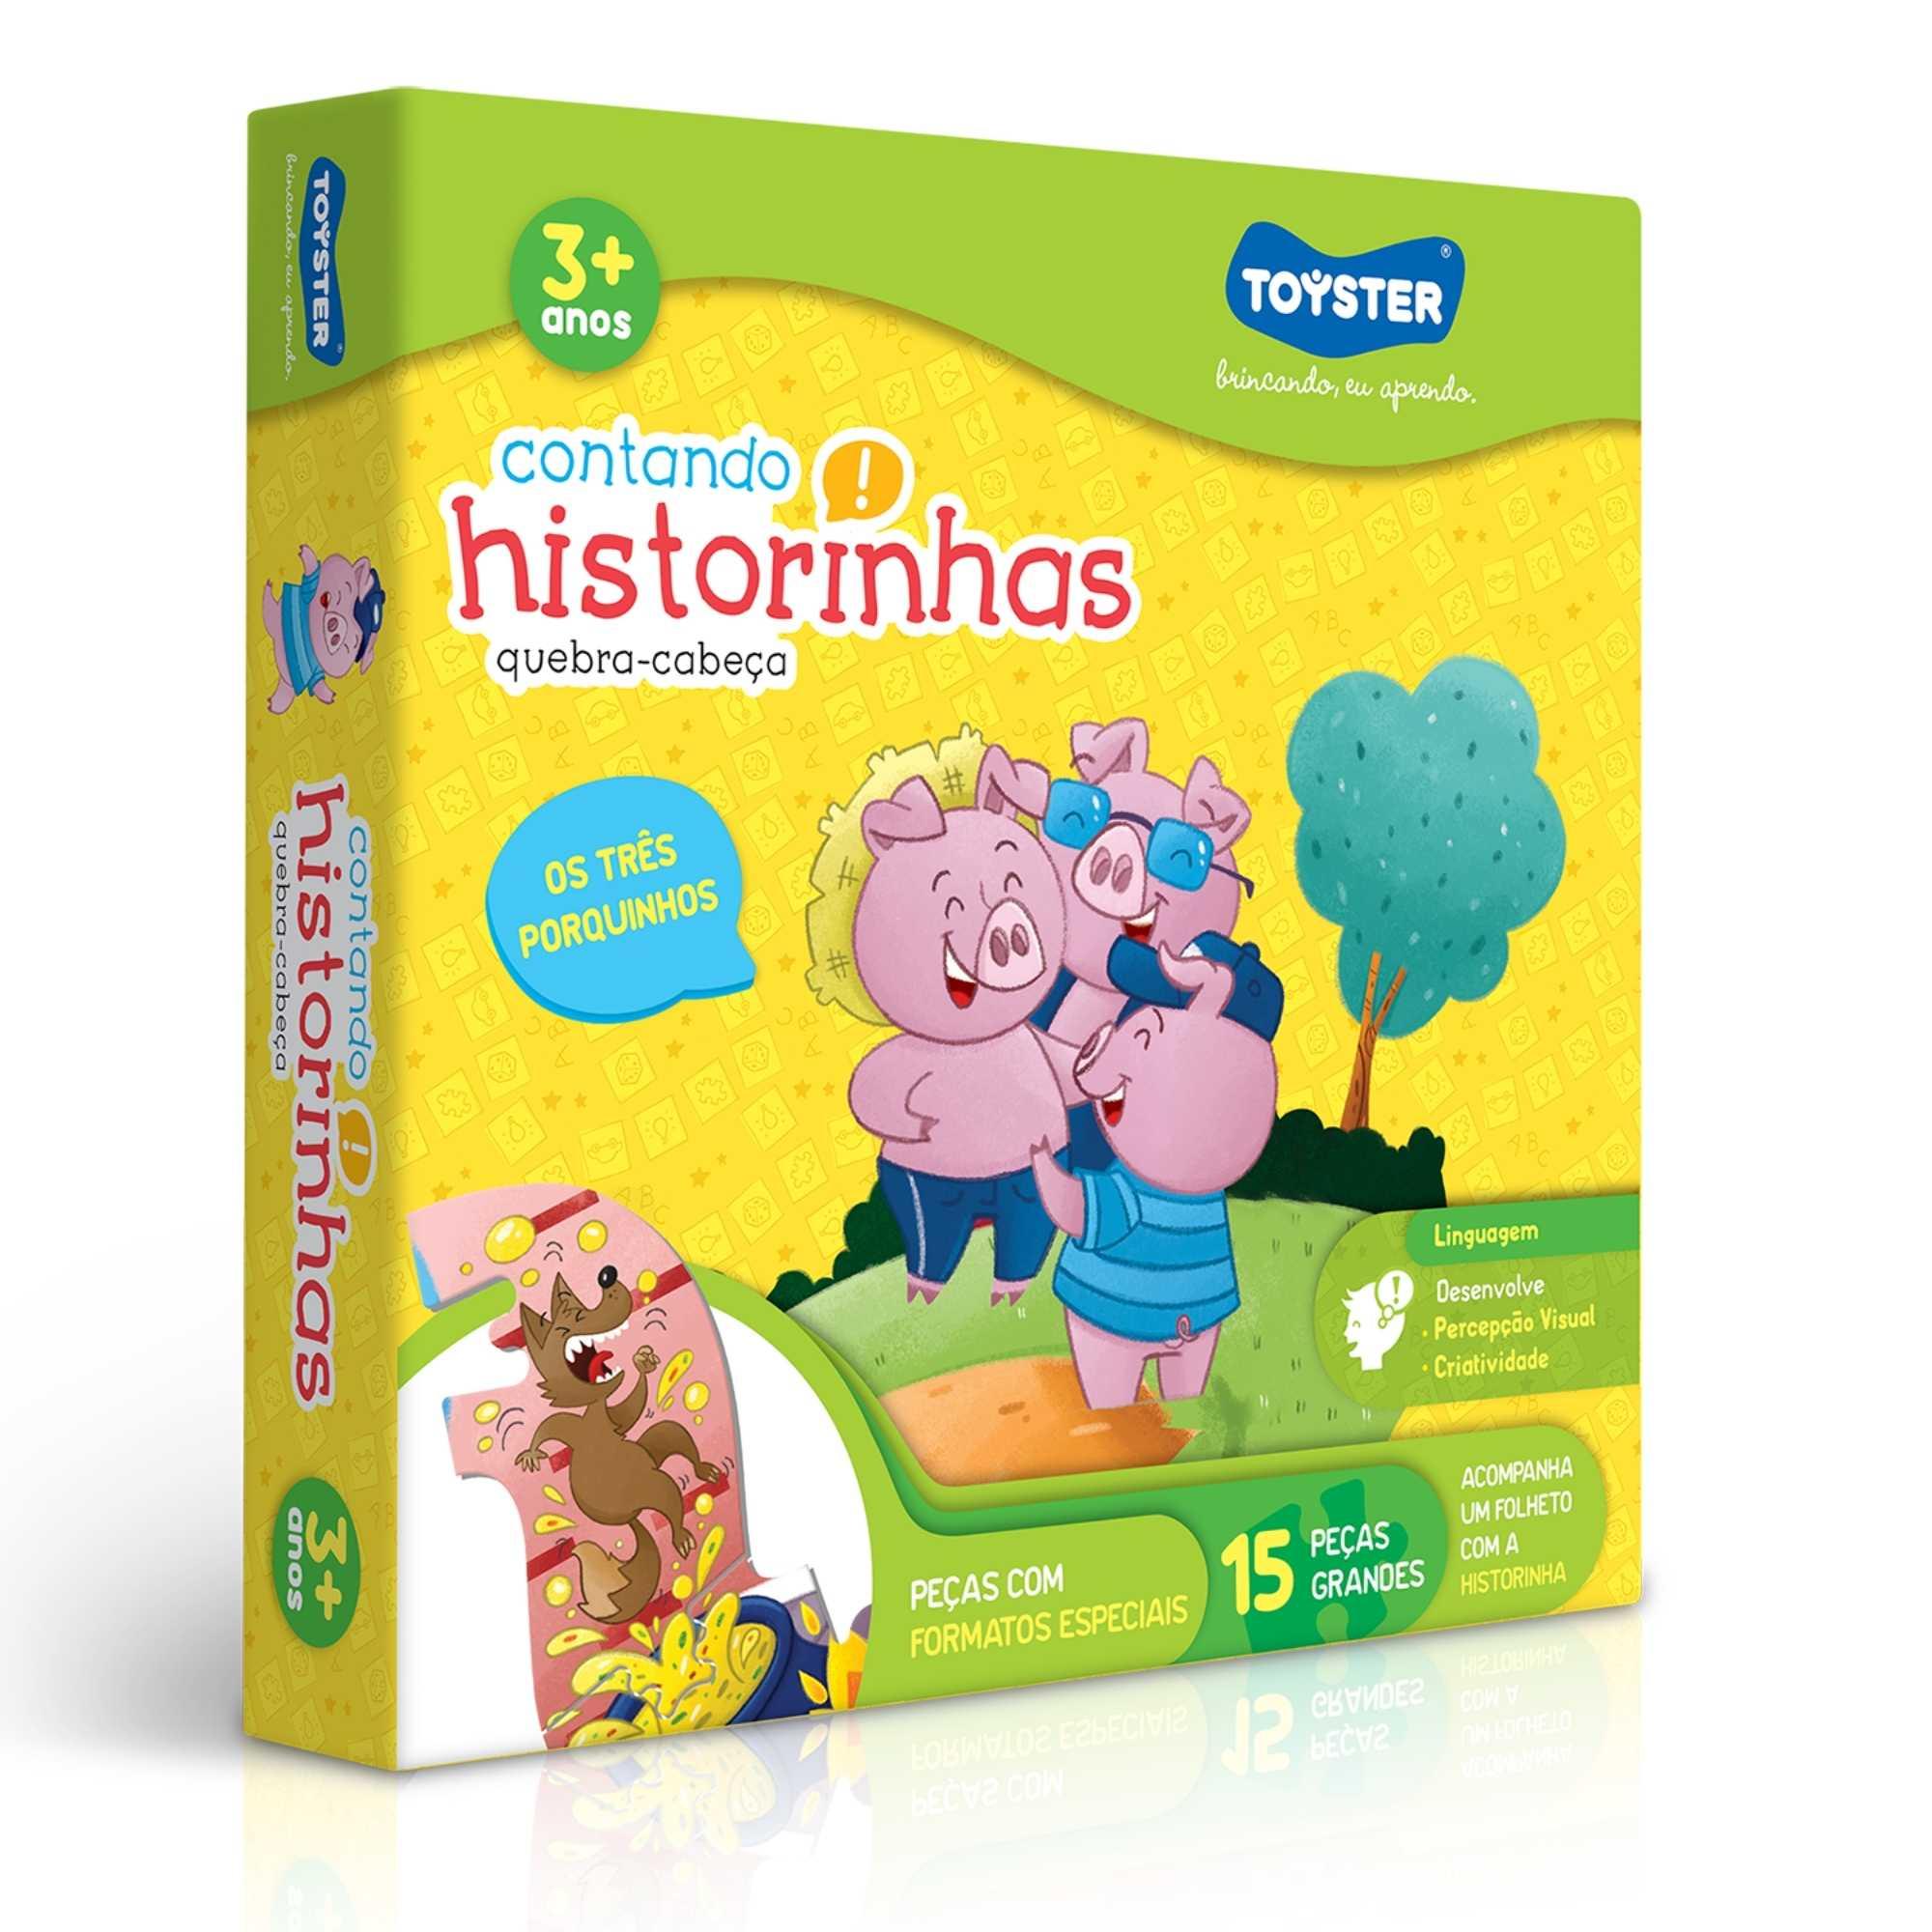 Quebra-Cabeça Contando Historinhas - 3 Porquinhos - Toyster